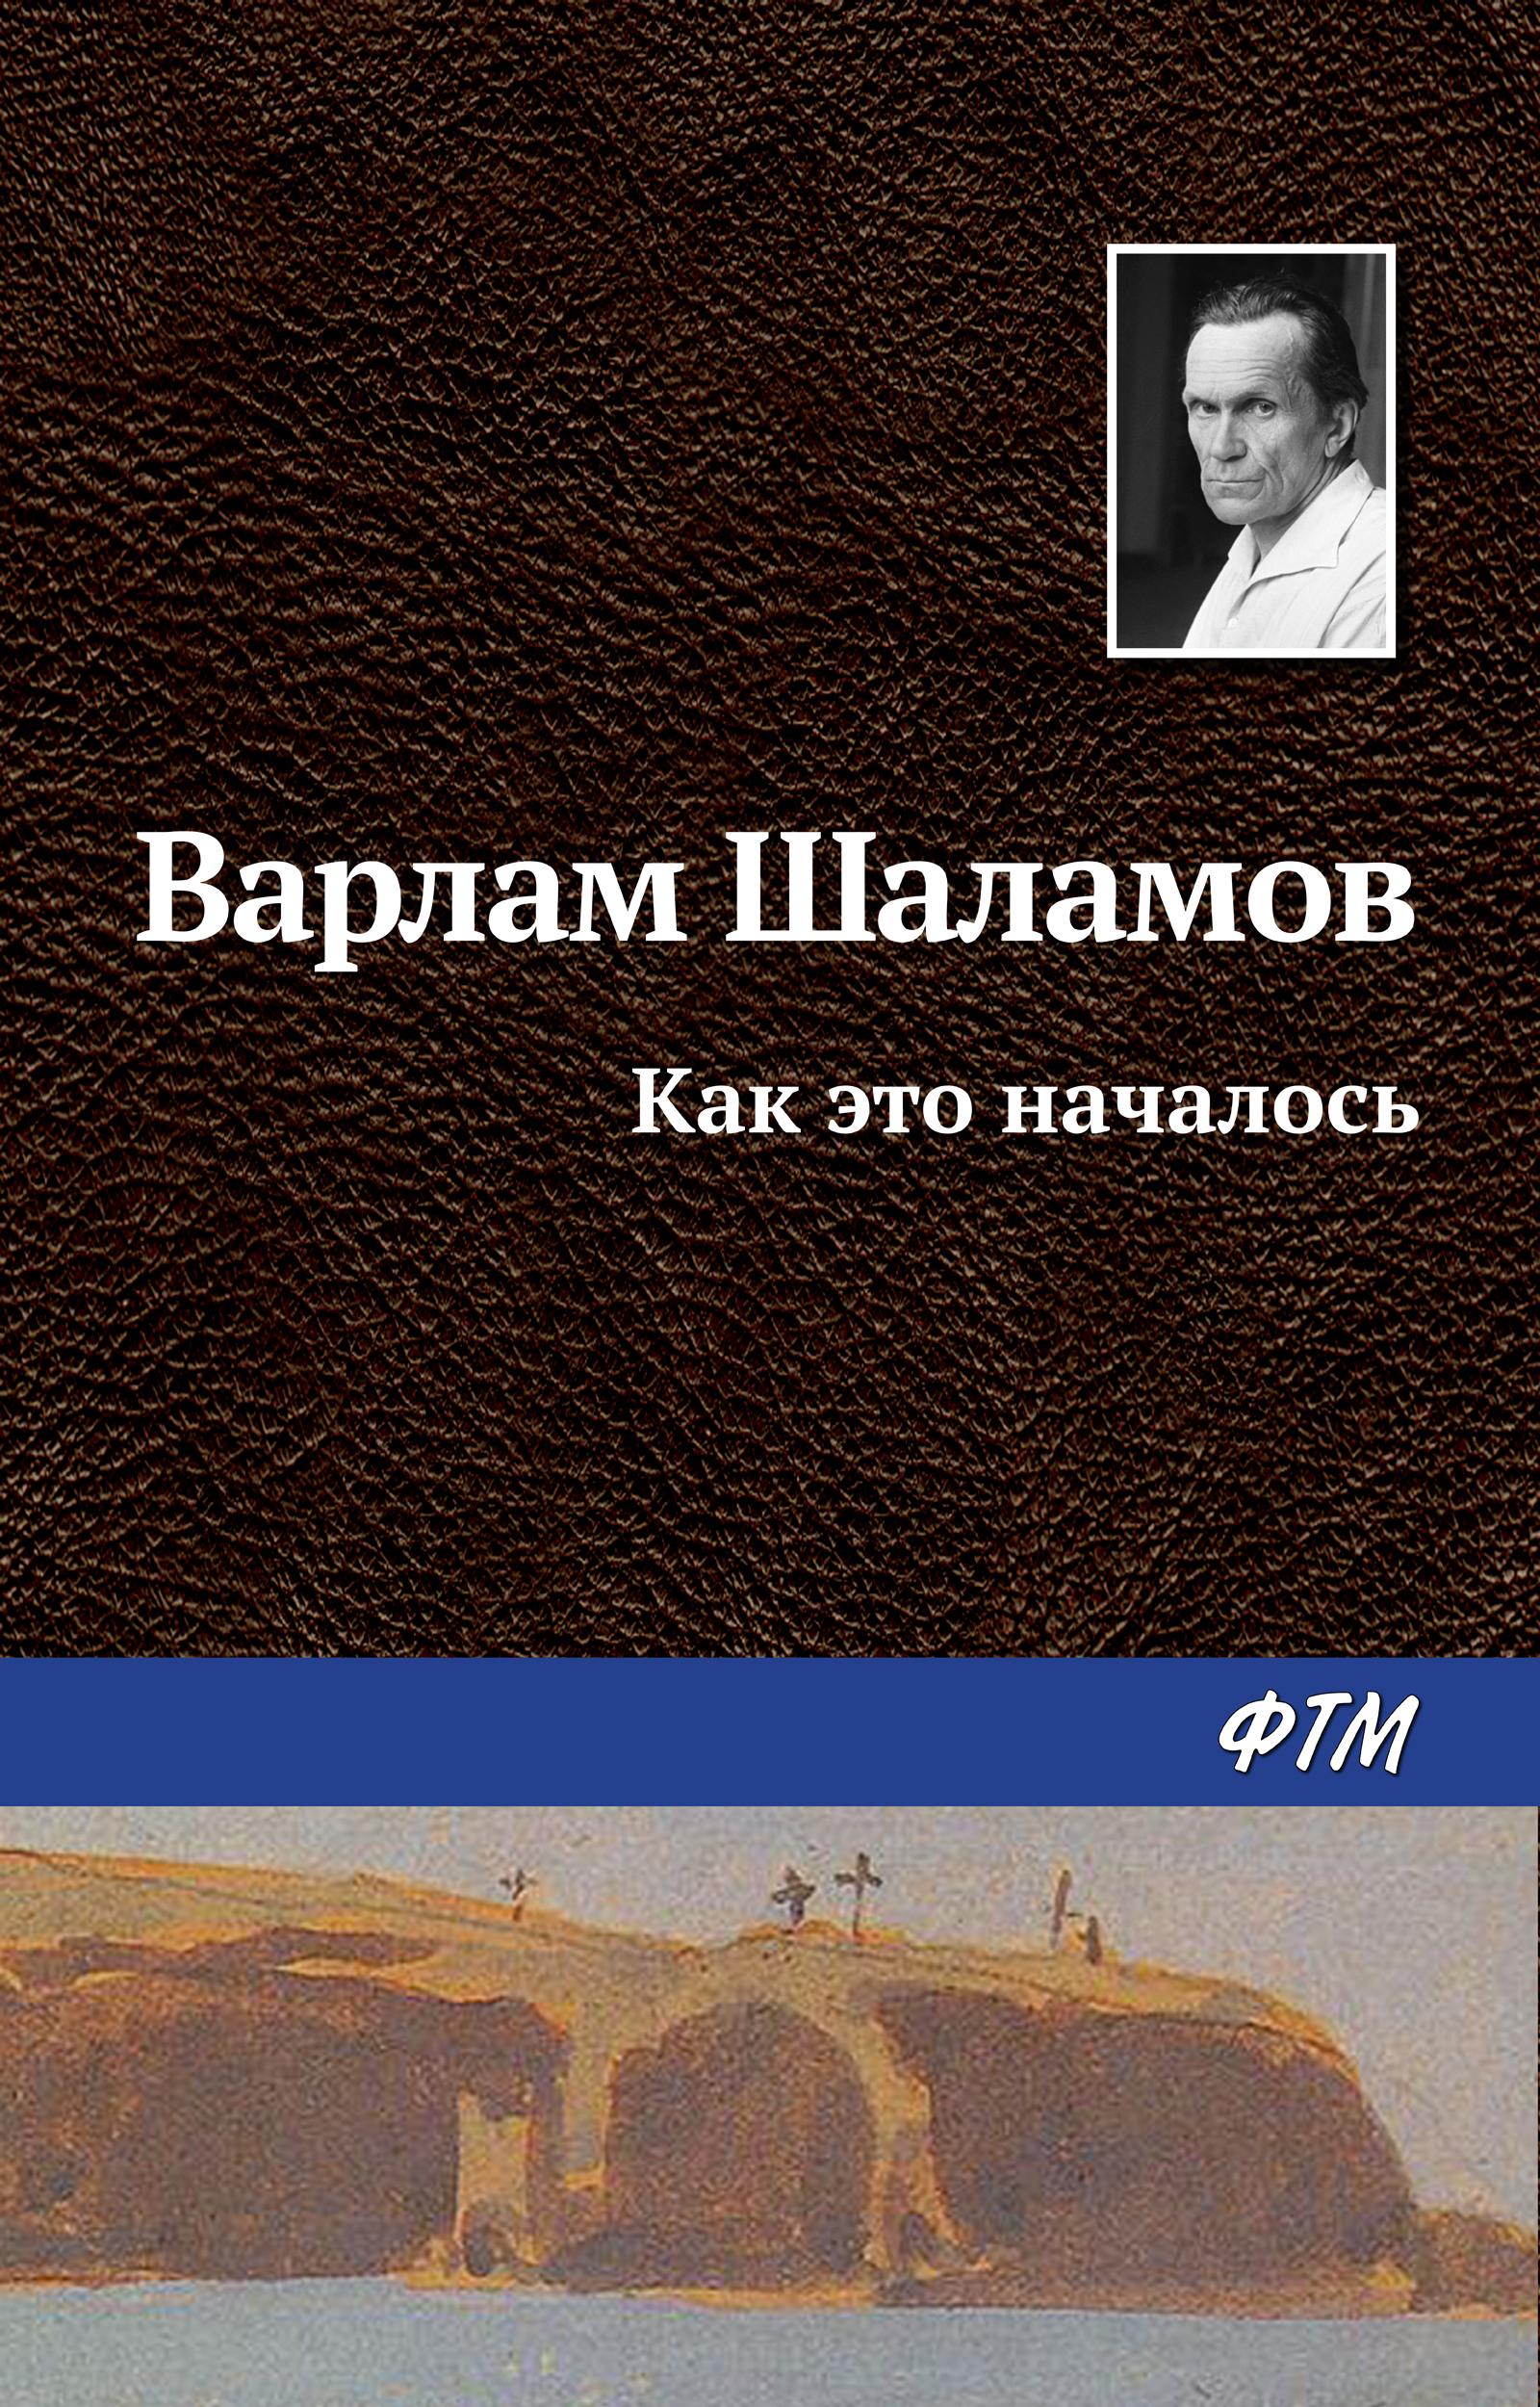 Варлам Шаламов Как это началось цена и фото